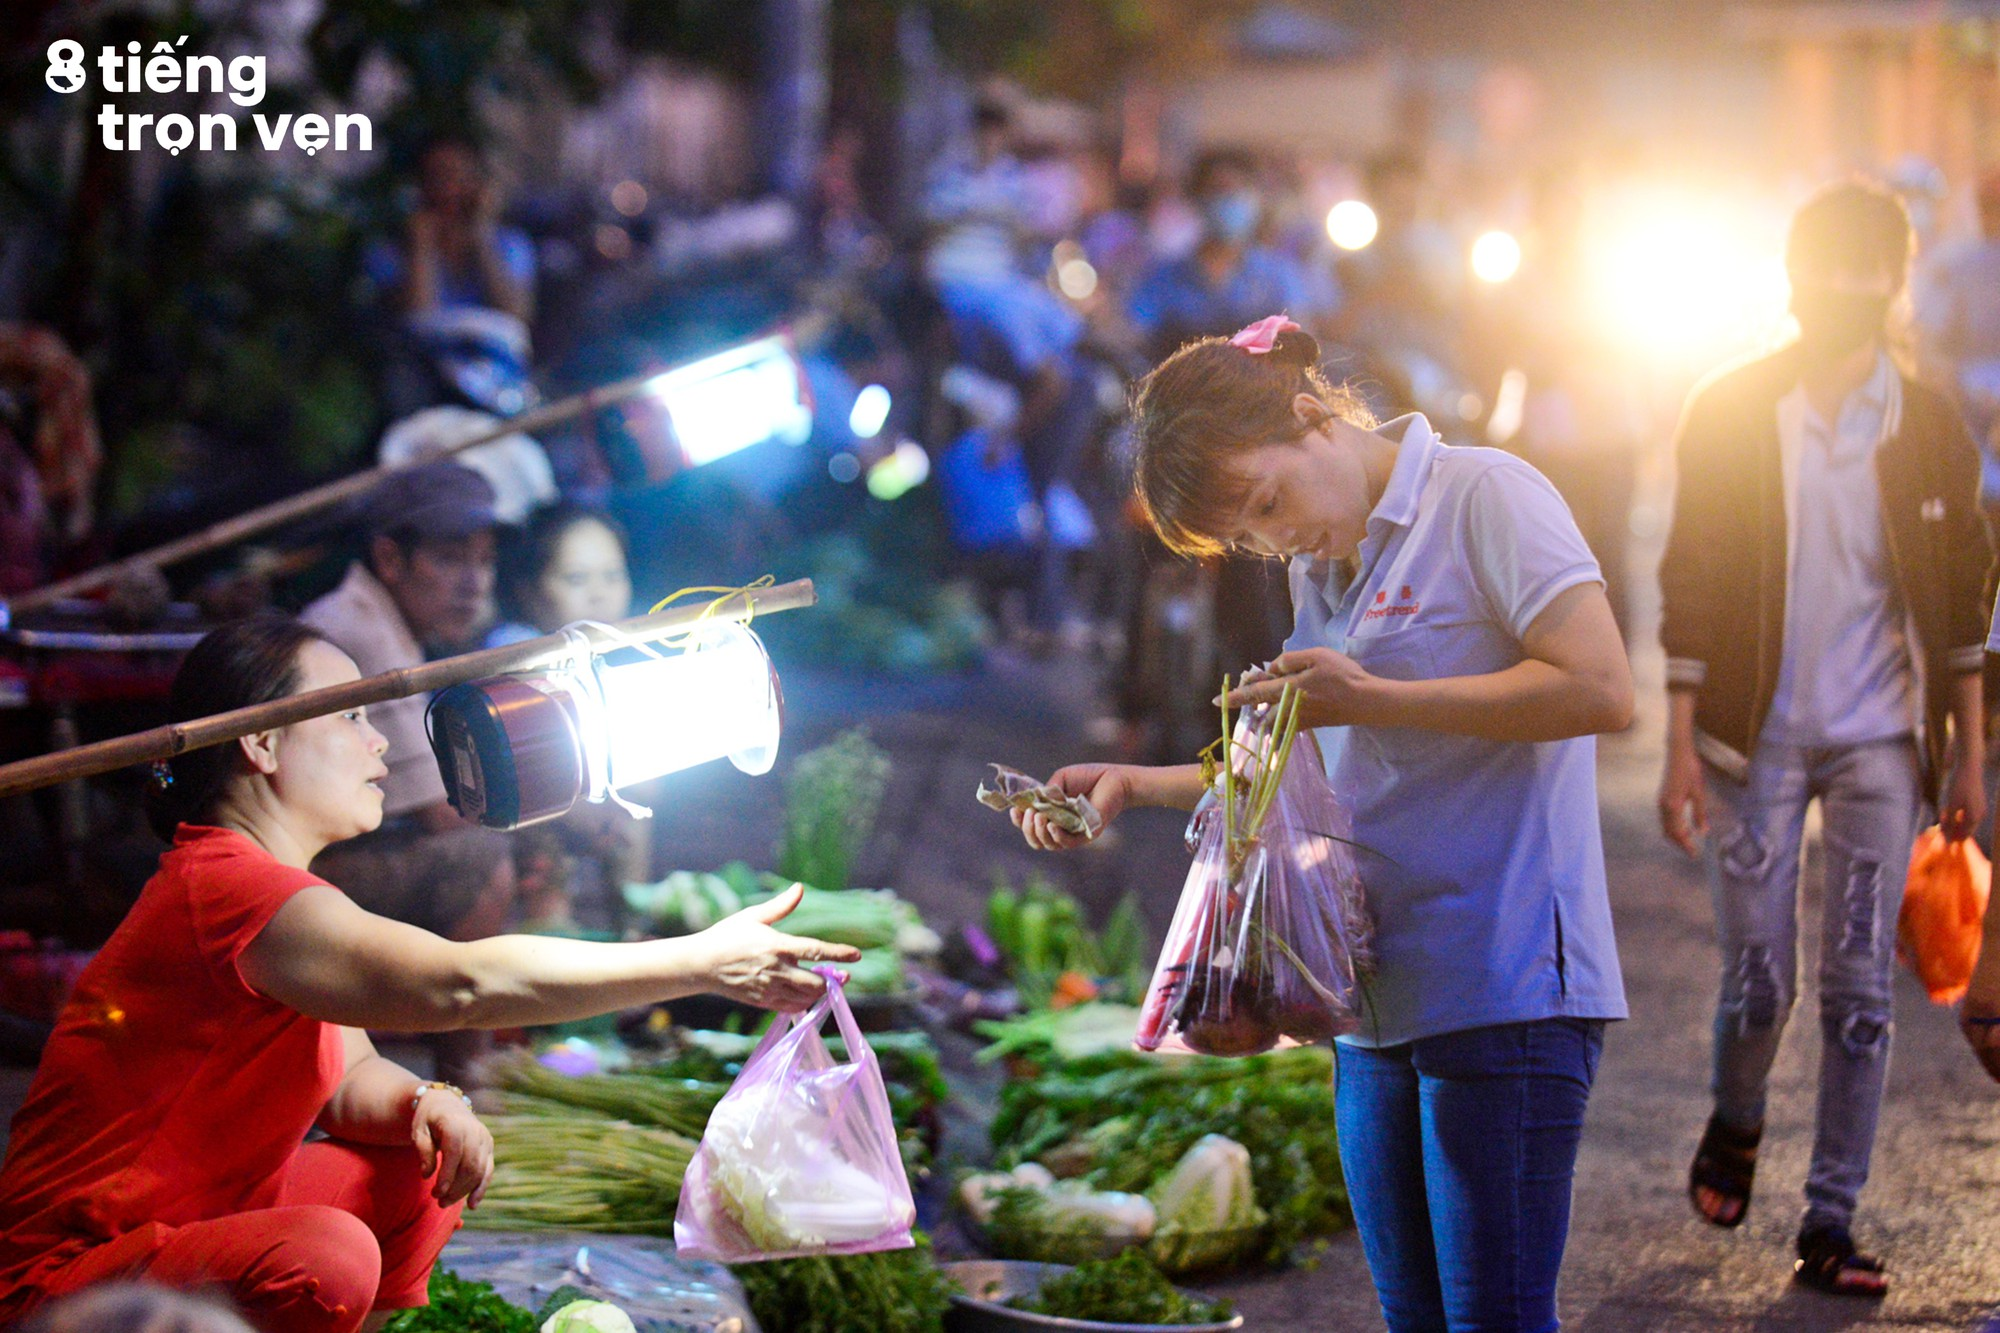 8 tiếng trọn vẹn - Bộ ảnh đầy cảm xúc về cuộc sống mưu sinh hối hả của những công nhân Sài Gòn sau giờ tan ca - Ảnh 5.